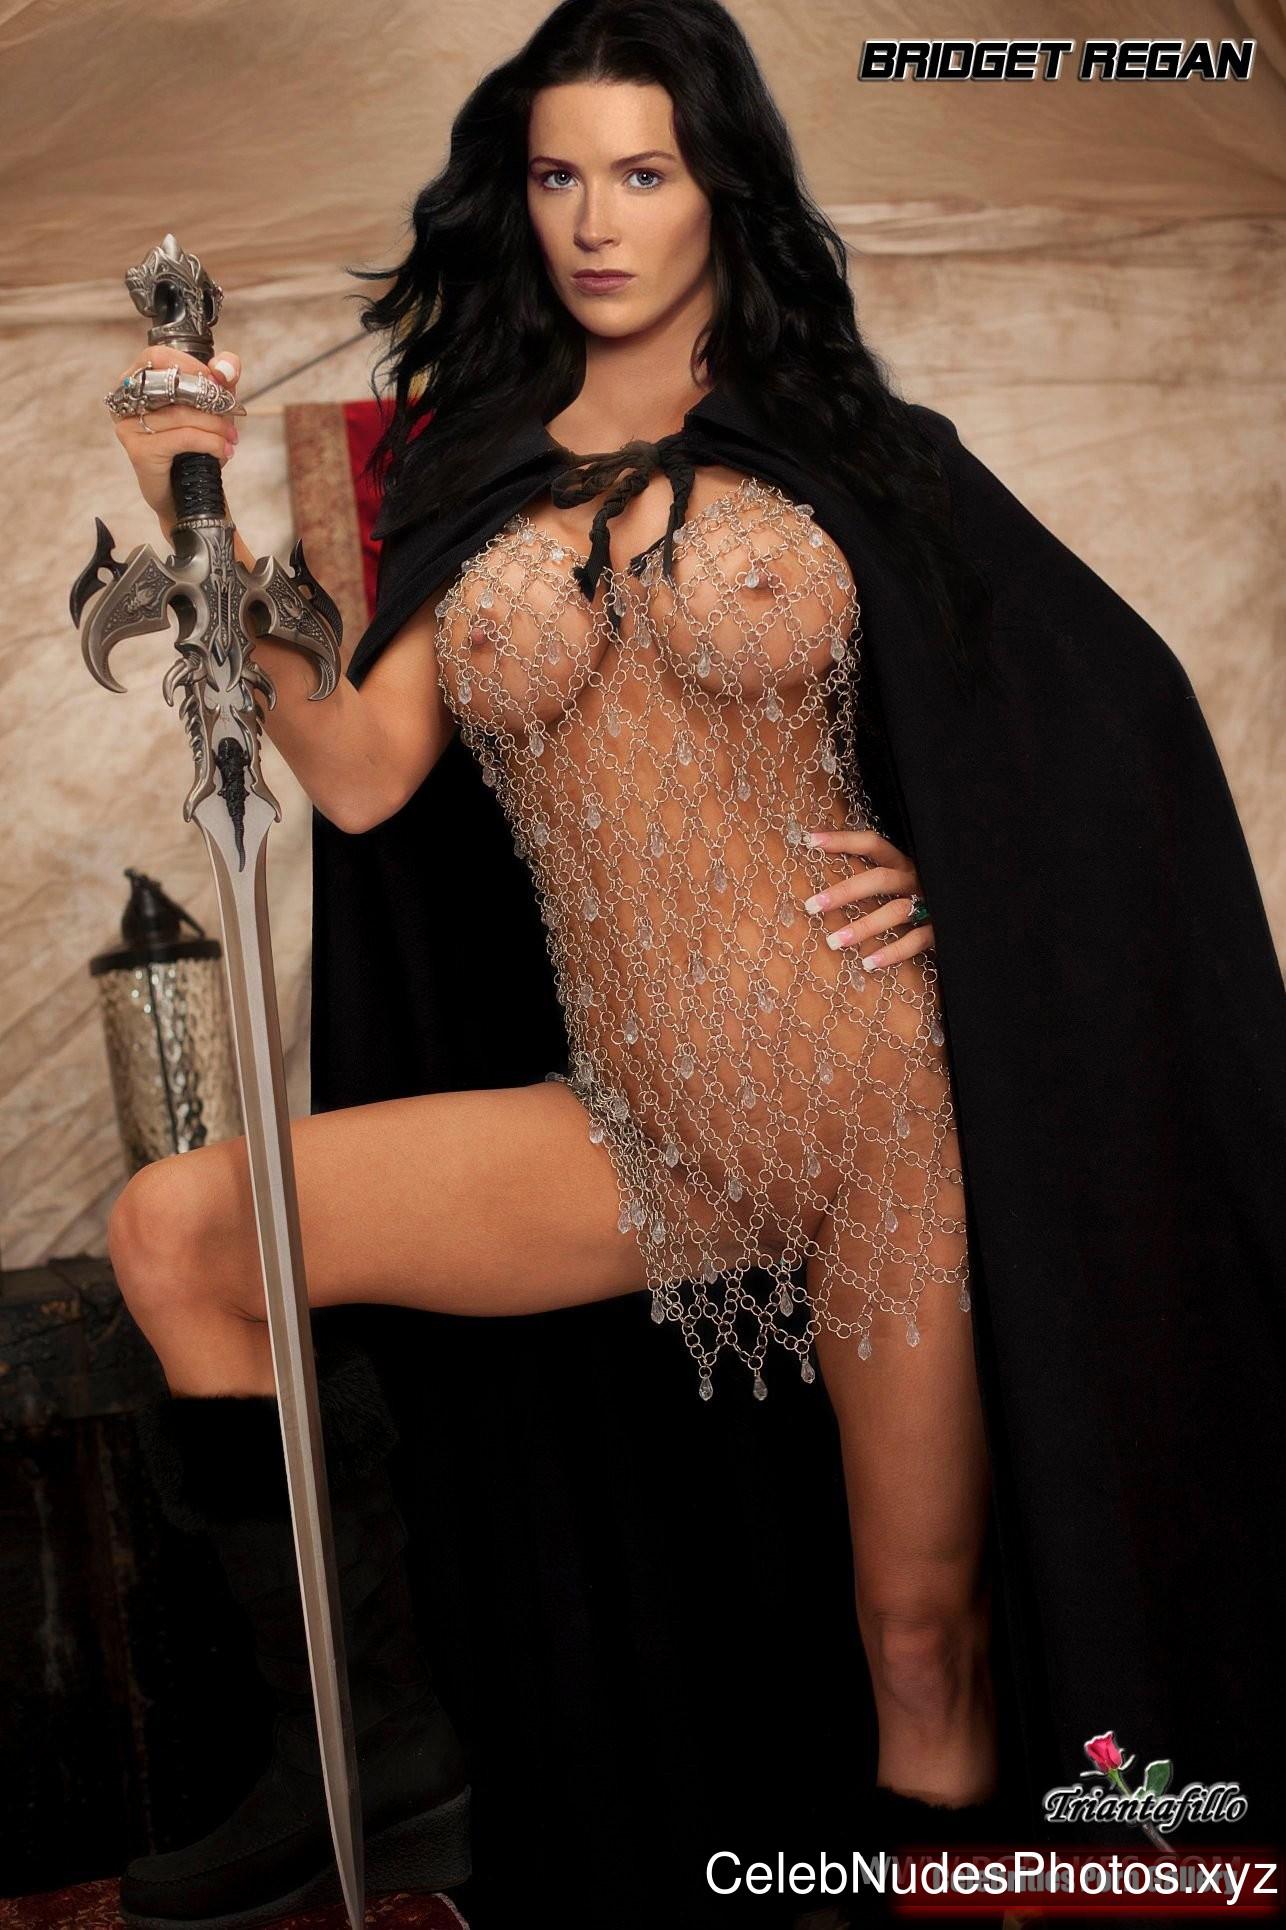 Bridget Regan Nude Celeb Pic sexy 2